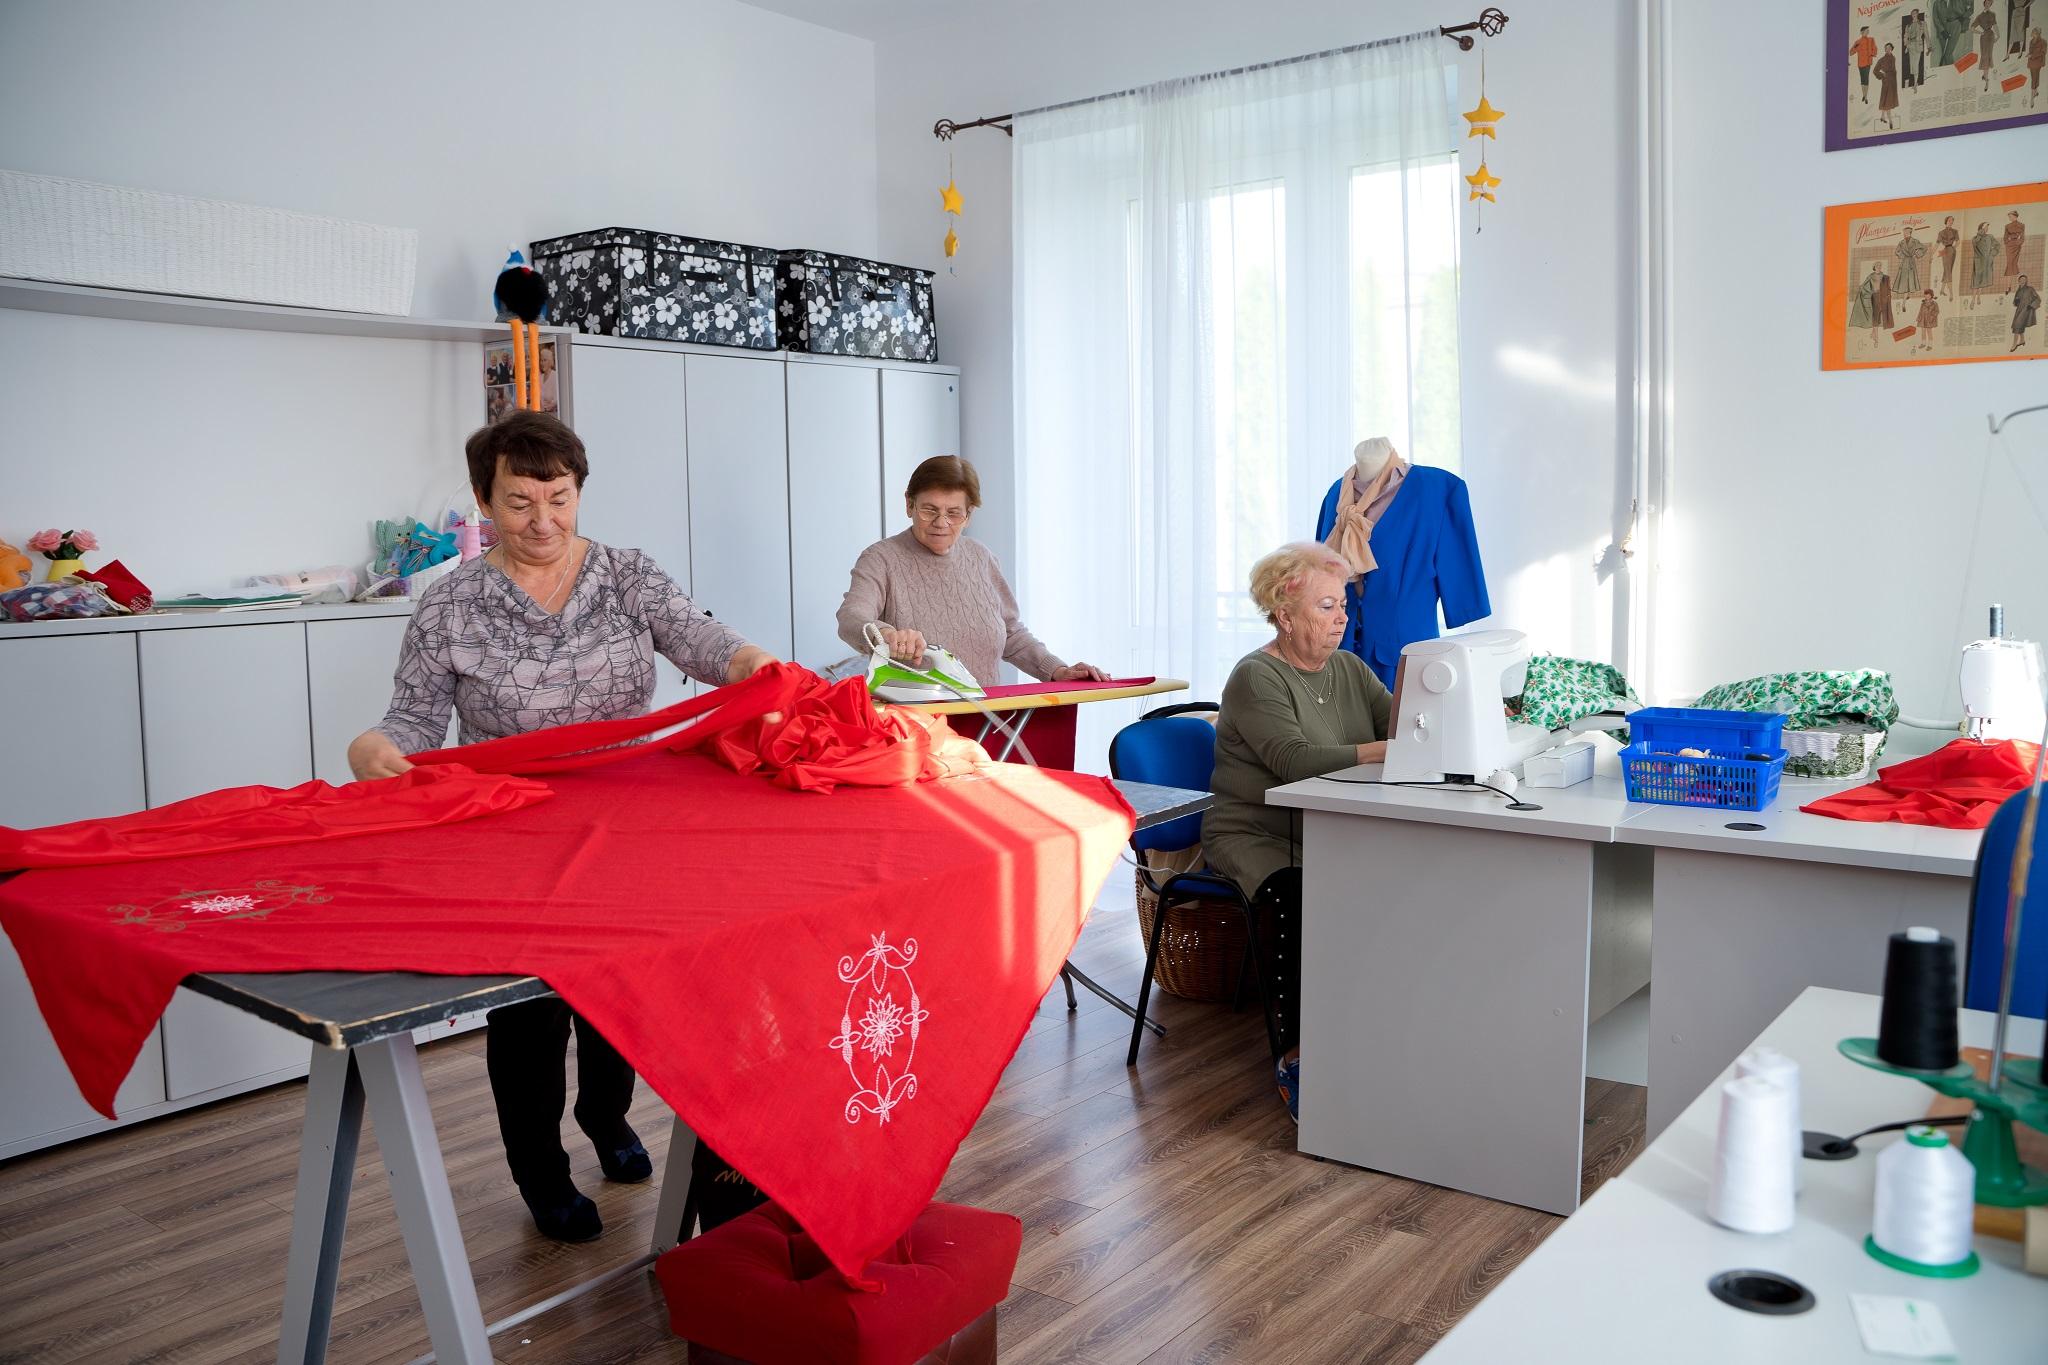 Na zdjęciu przedstawione wnętrze pracowni krawieckiej, na pierwszym planie kobieta rozkładająca materiał na stole krojczym, na drugim planie kobieta siedząca przy biurku obsługująca maszynę do szycia, w tle kobieta prasująca fragment materiału.